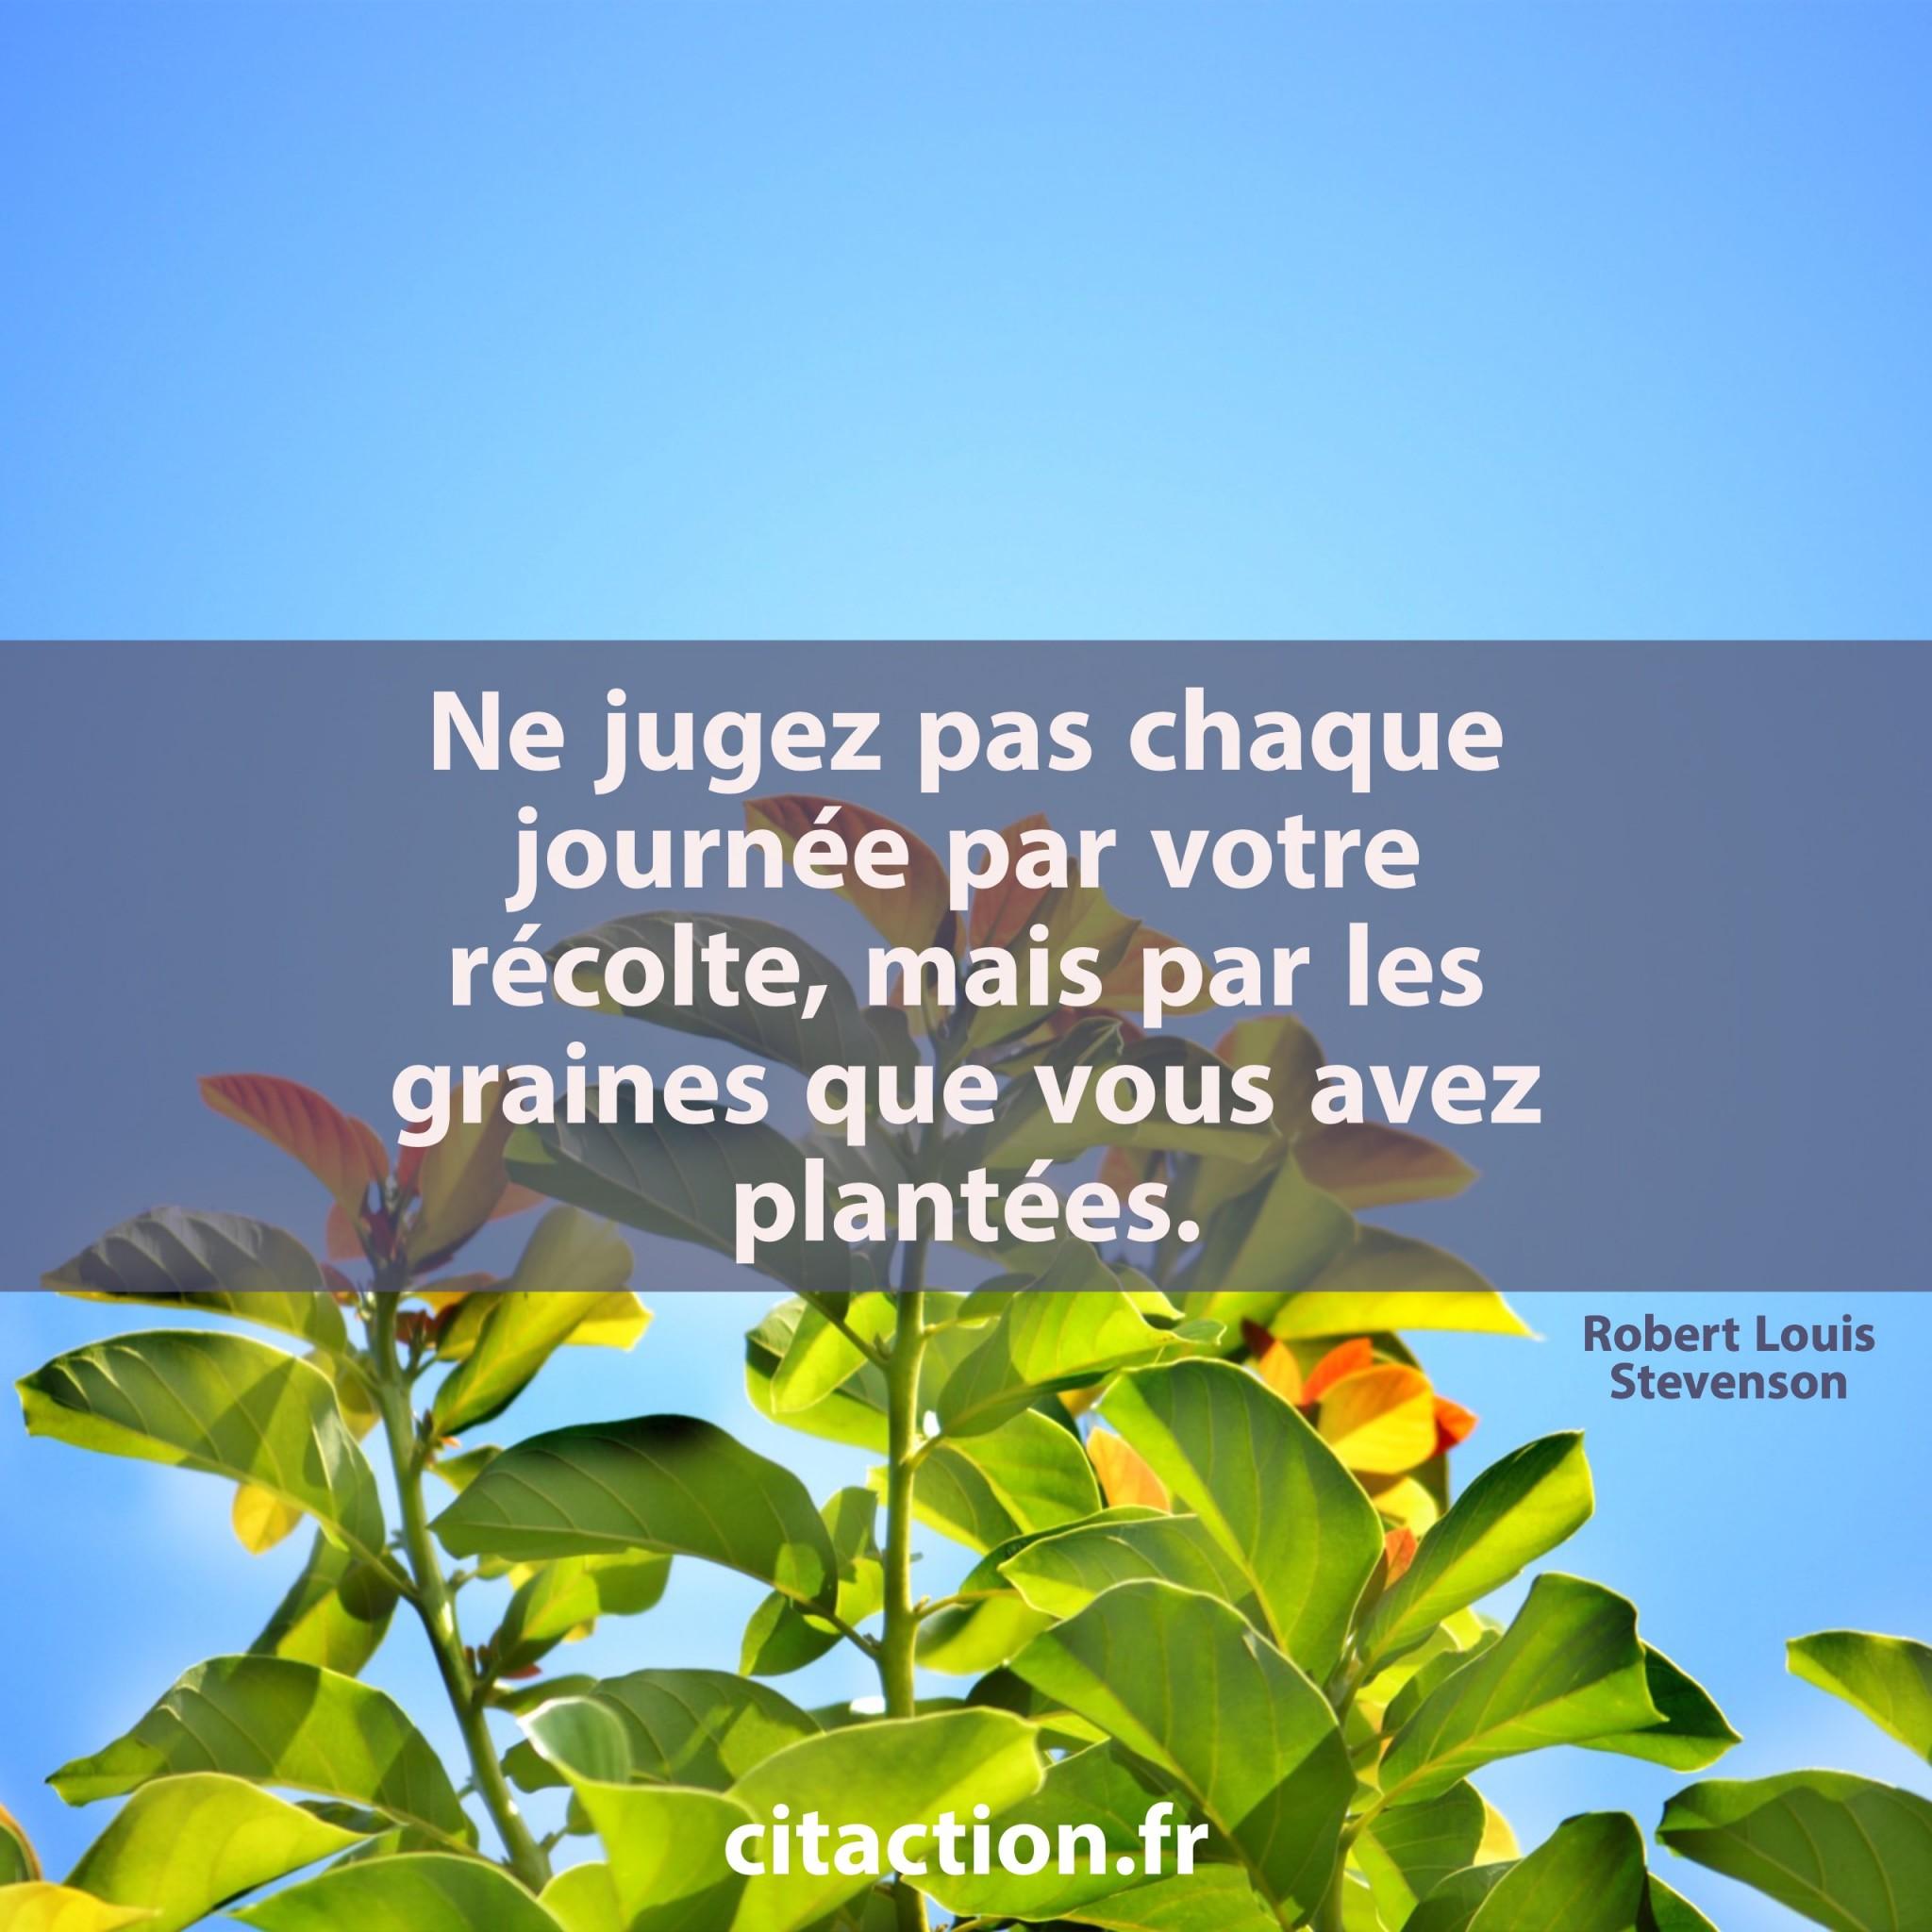 Ne jugez pas chaque journée par votre récolte, mais par les graines que vous avez plantées.